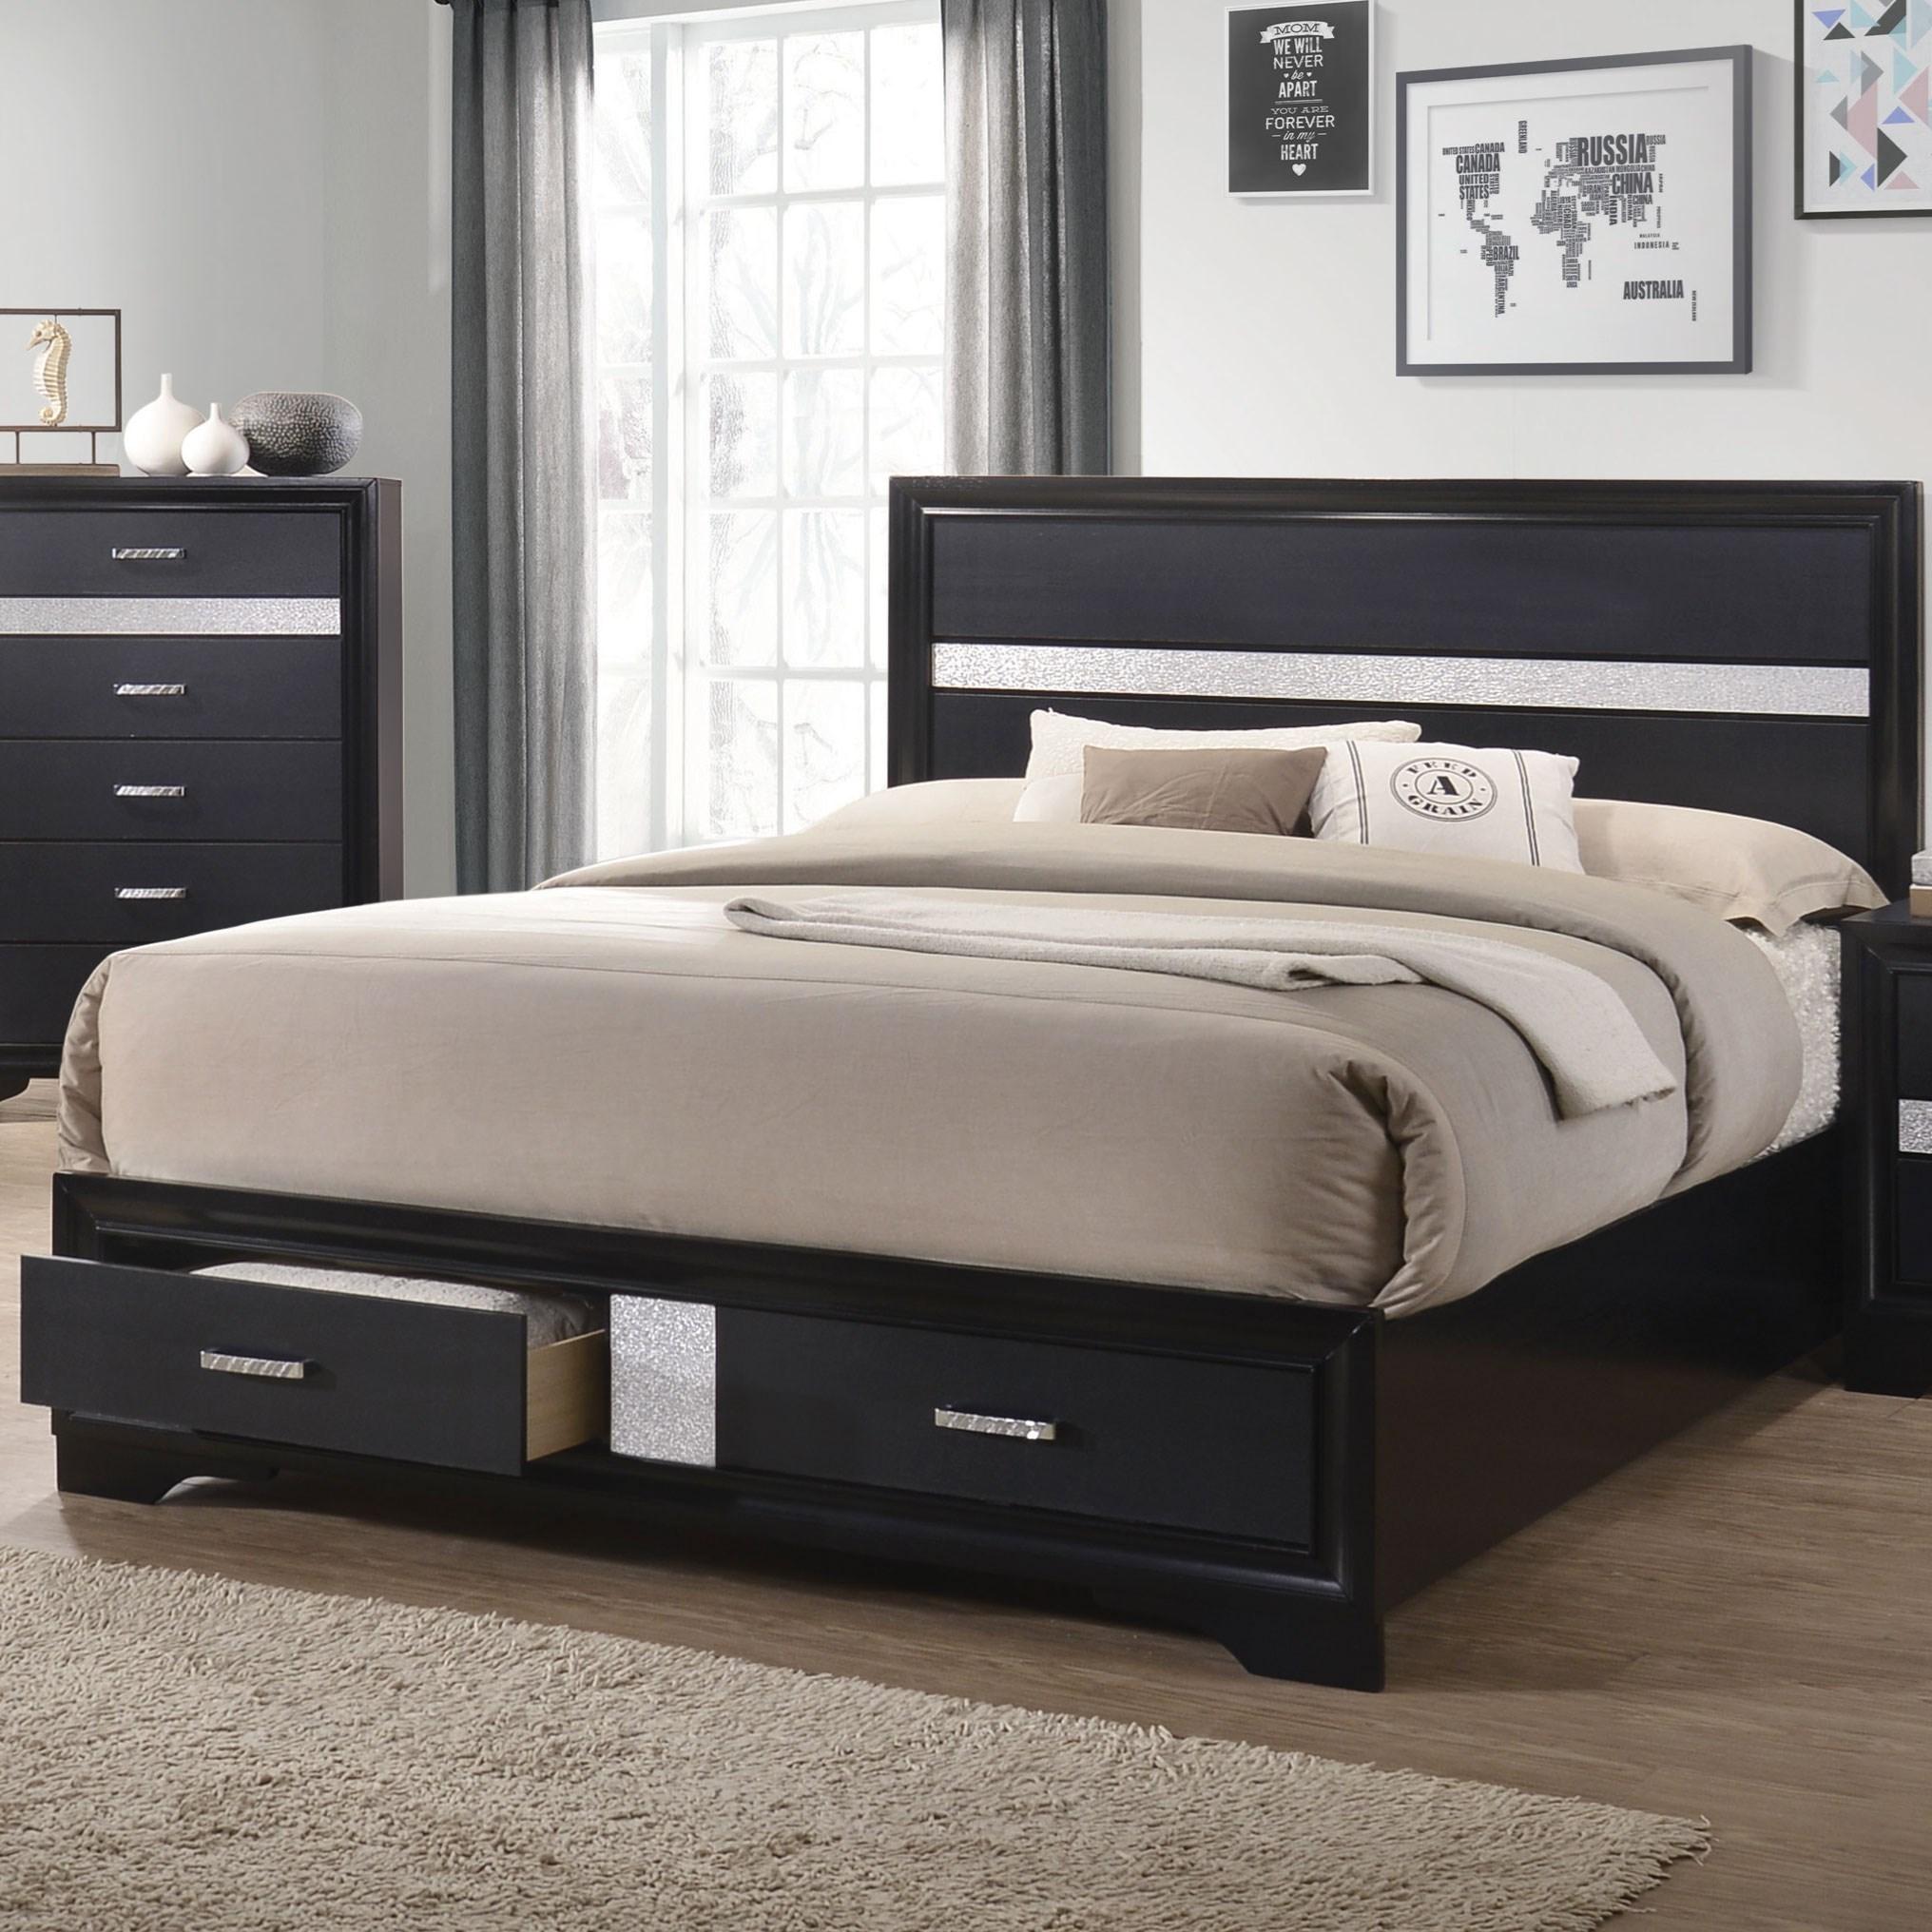 Coaster #206361 Miranda - Curley\'s Furniture Store - Des Moines, Iowa